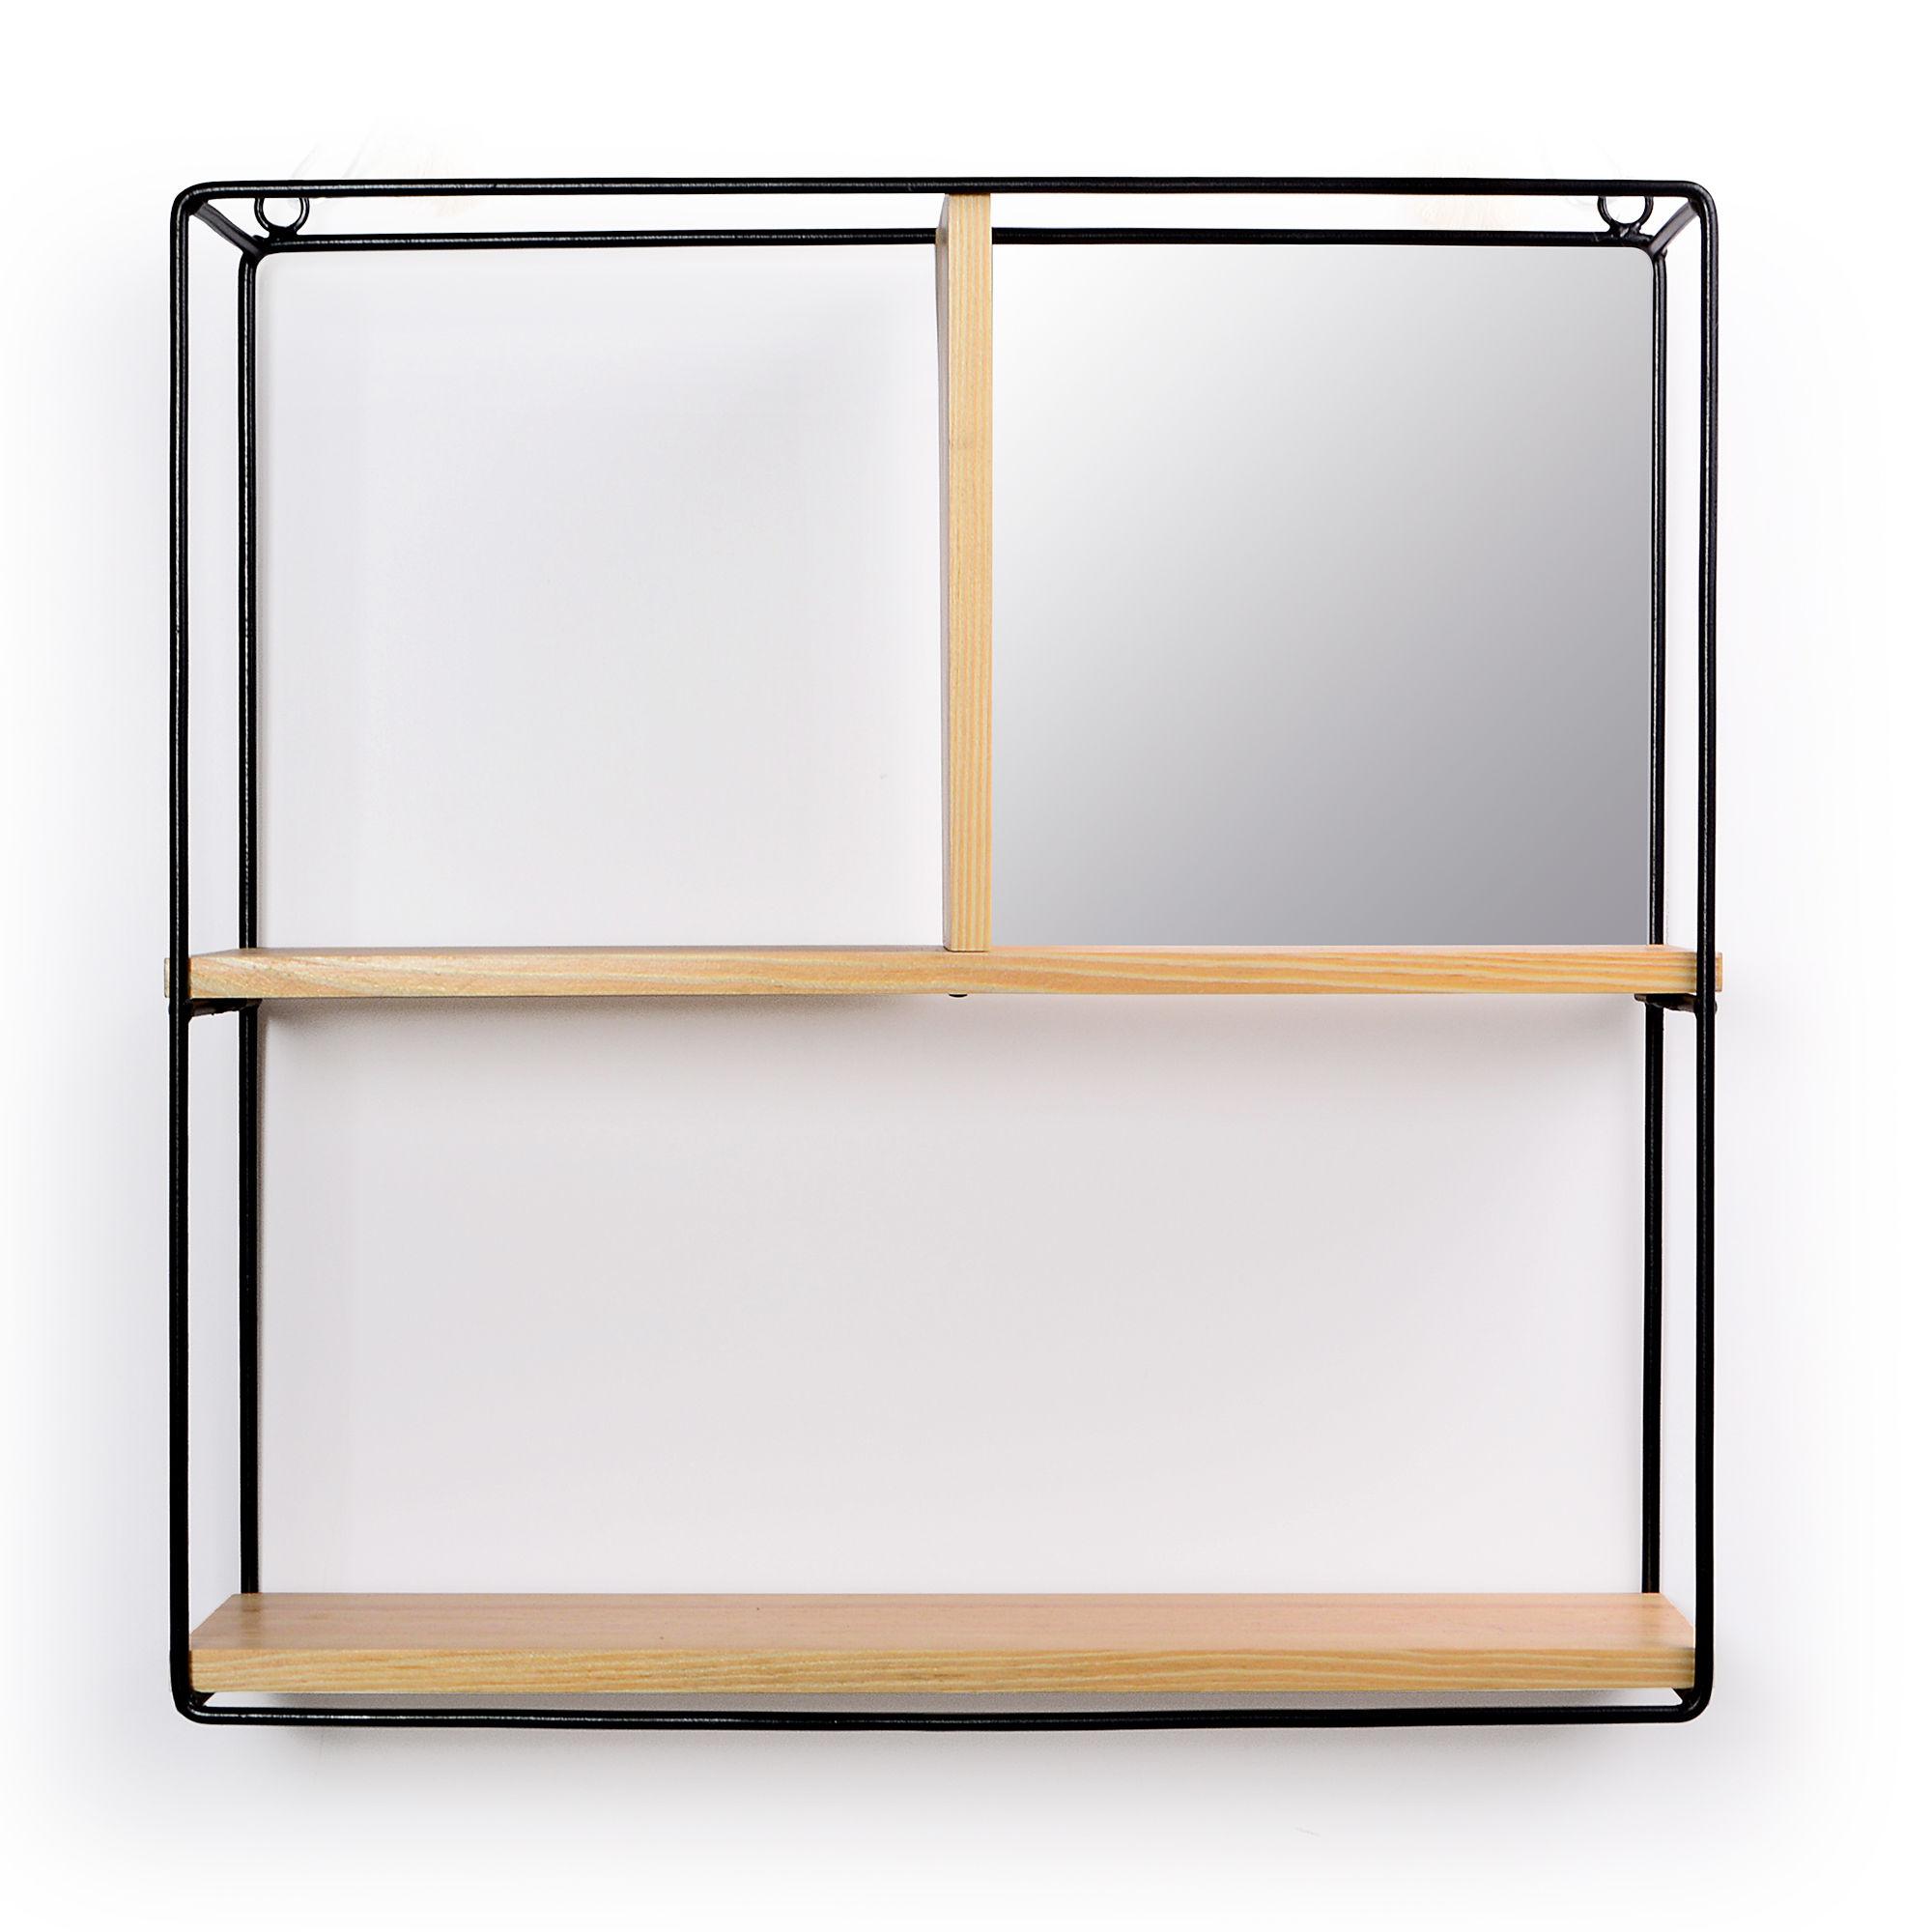 Prateleira Quadrada de Parede com Espelho